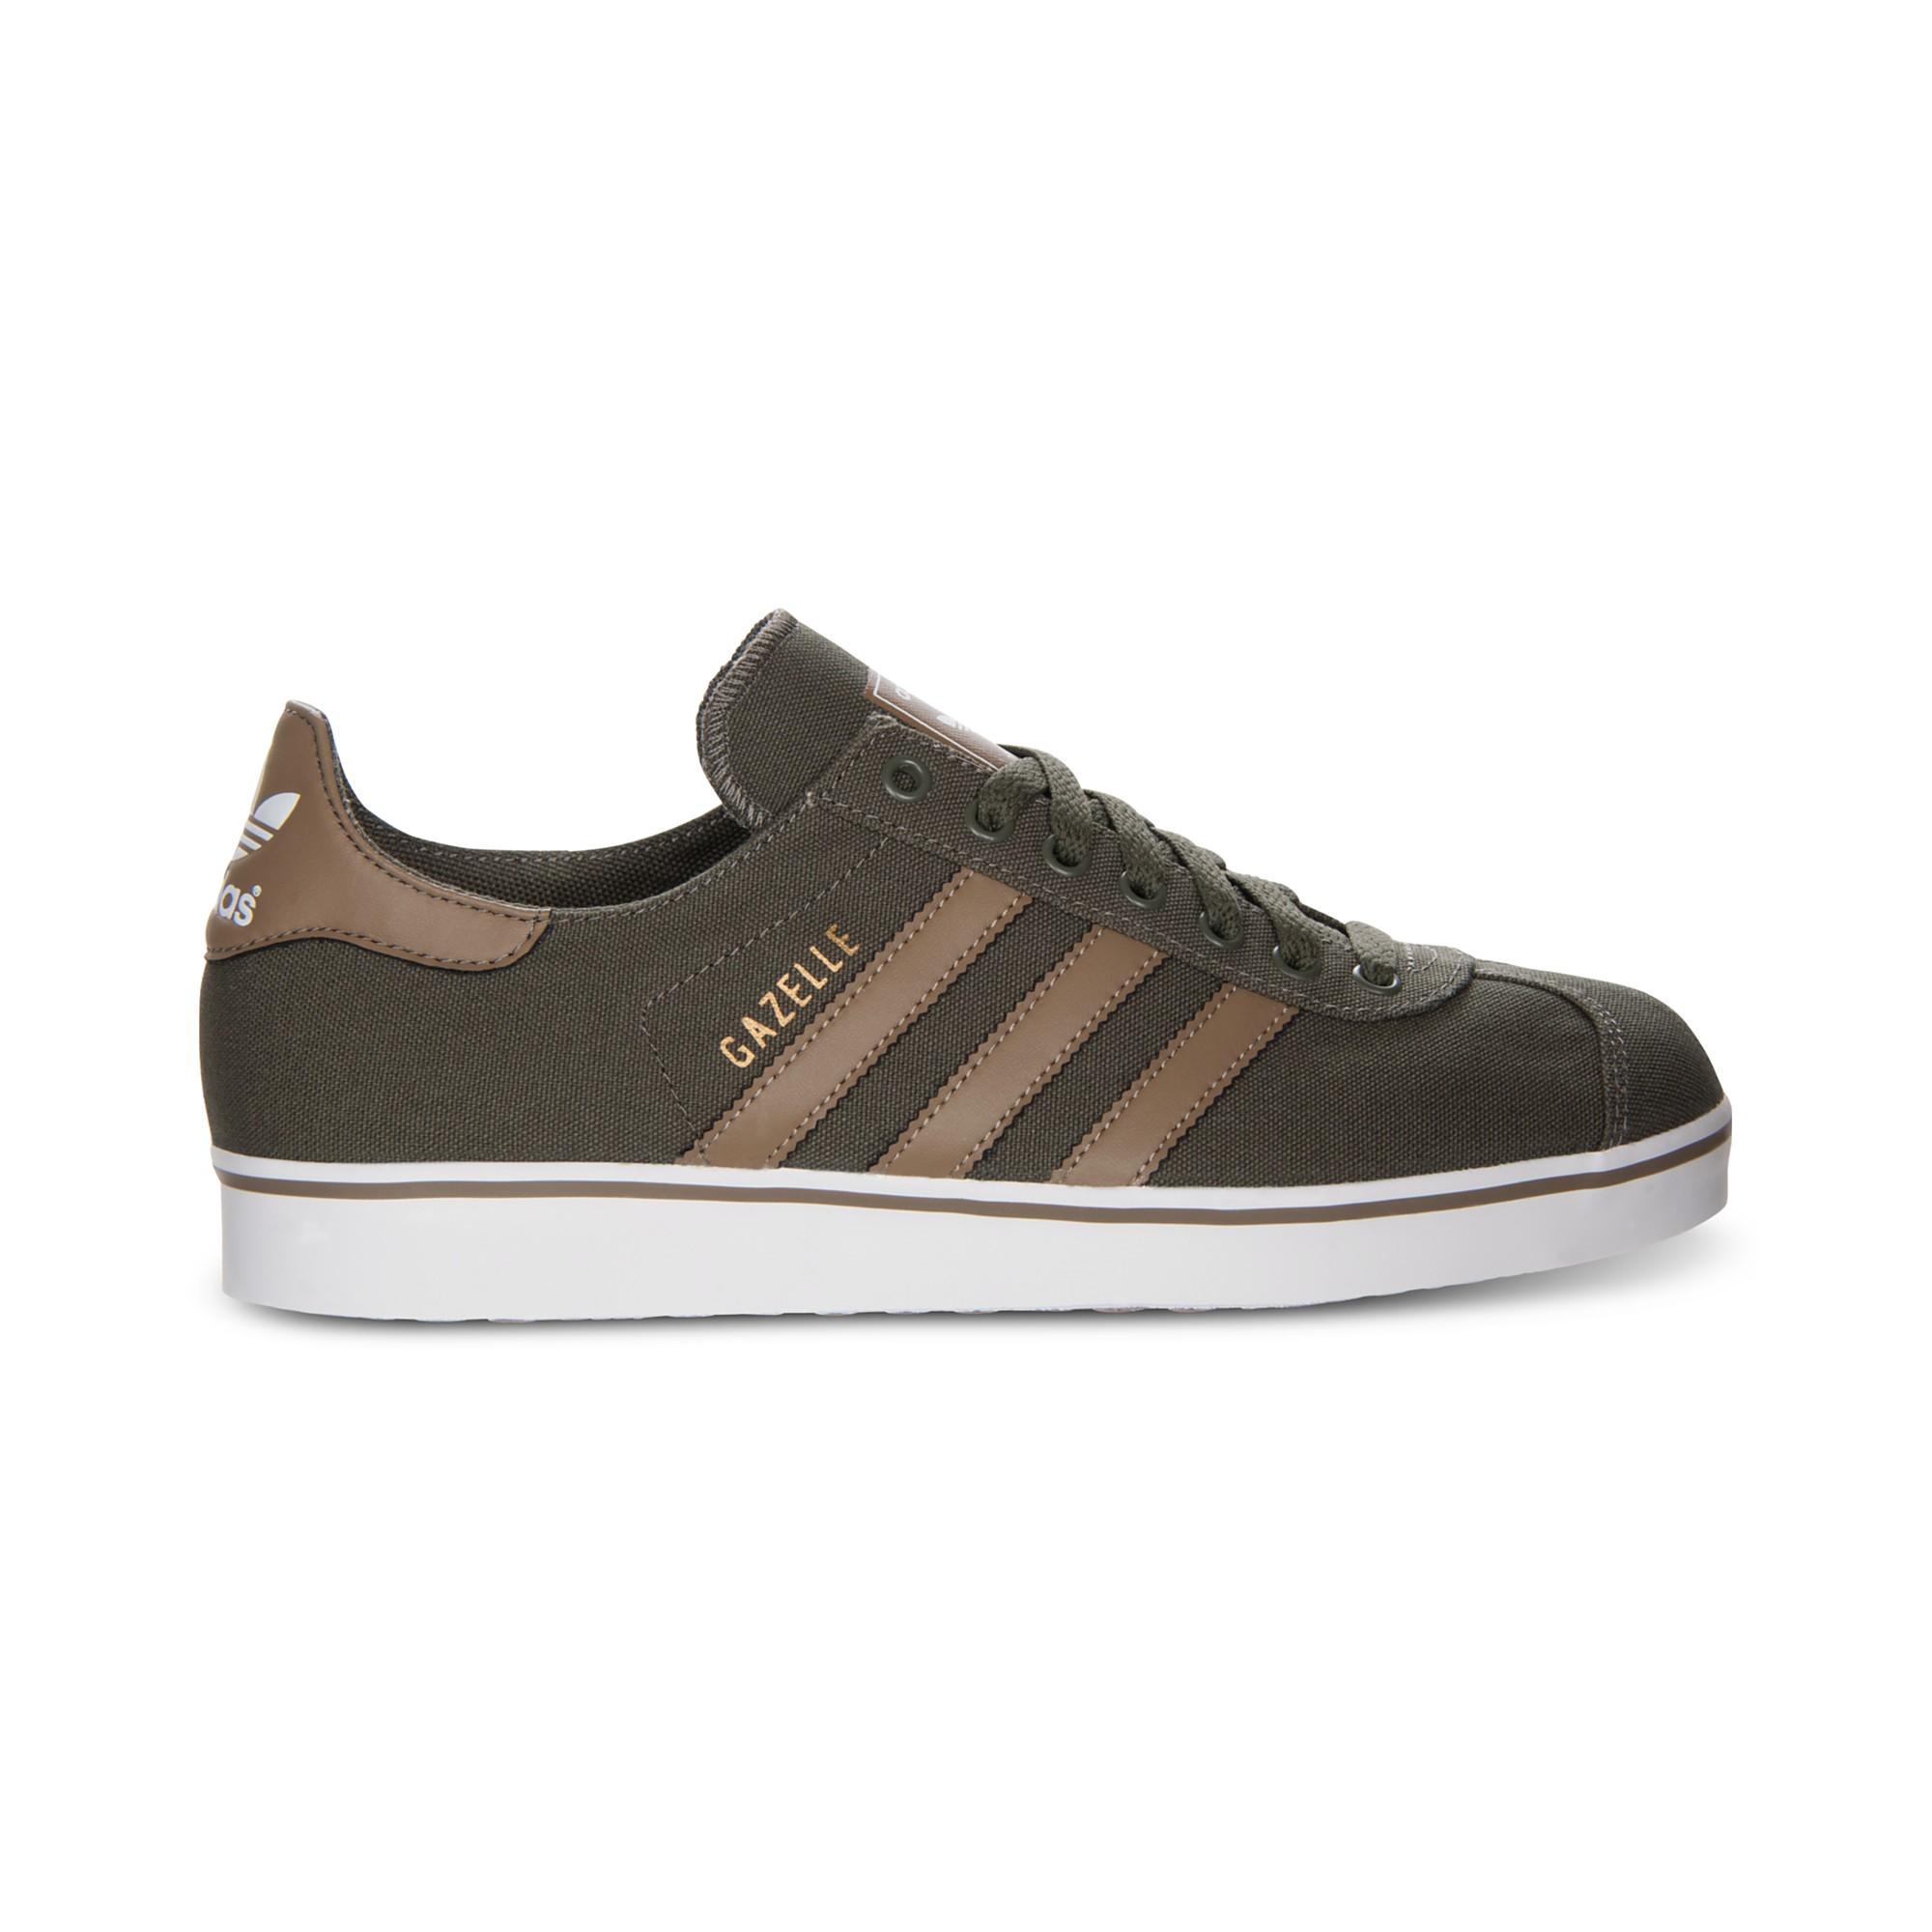 Adidas Gazelle Khaki Green